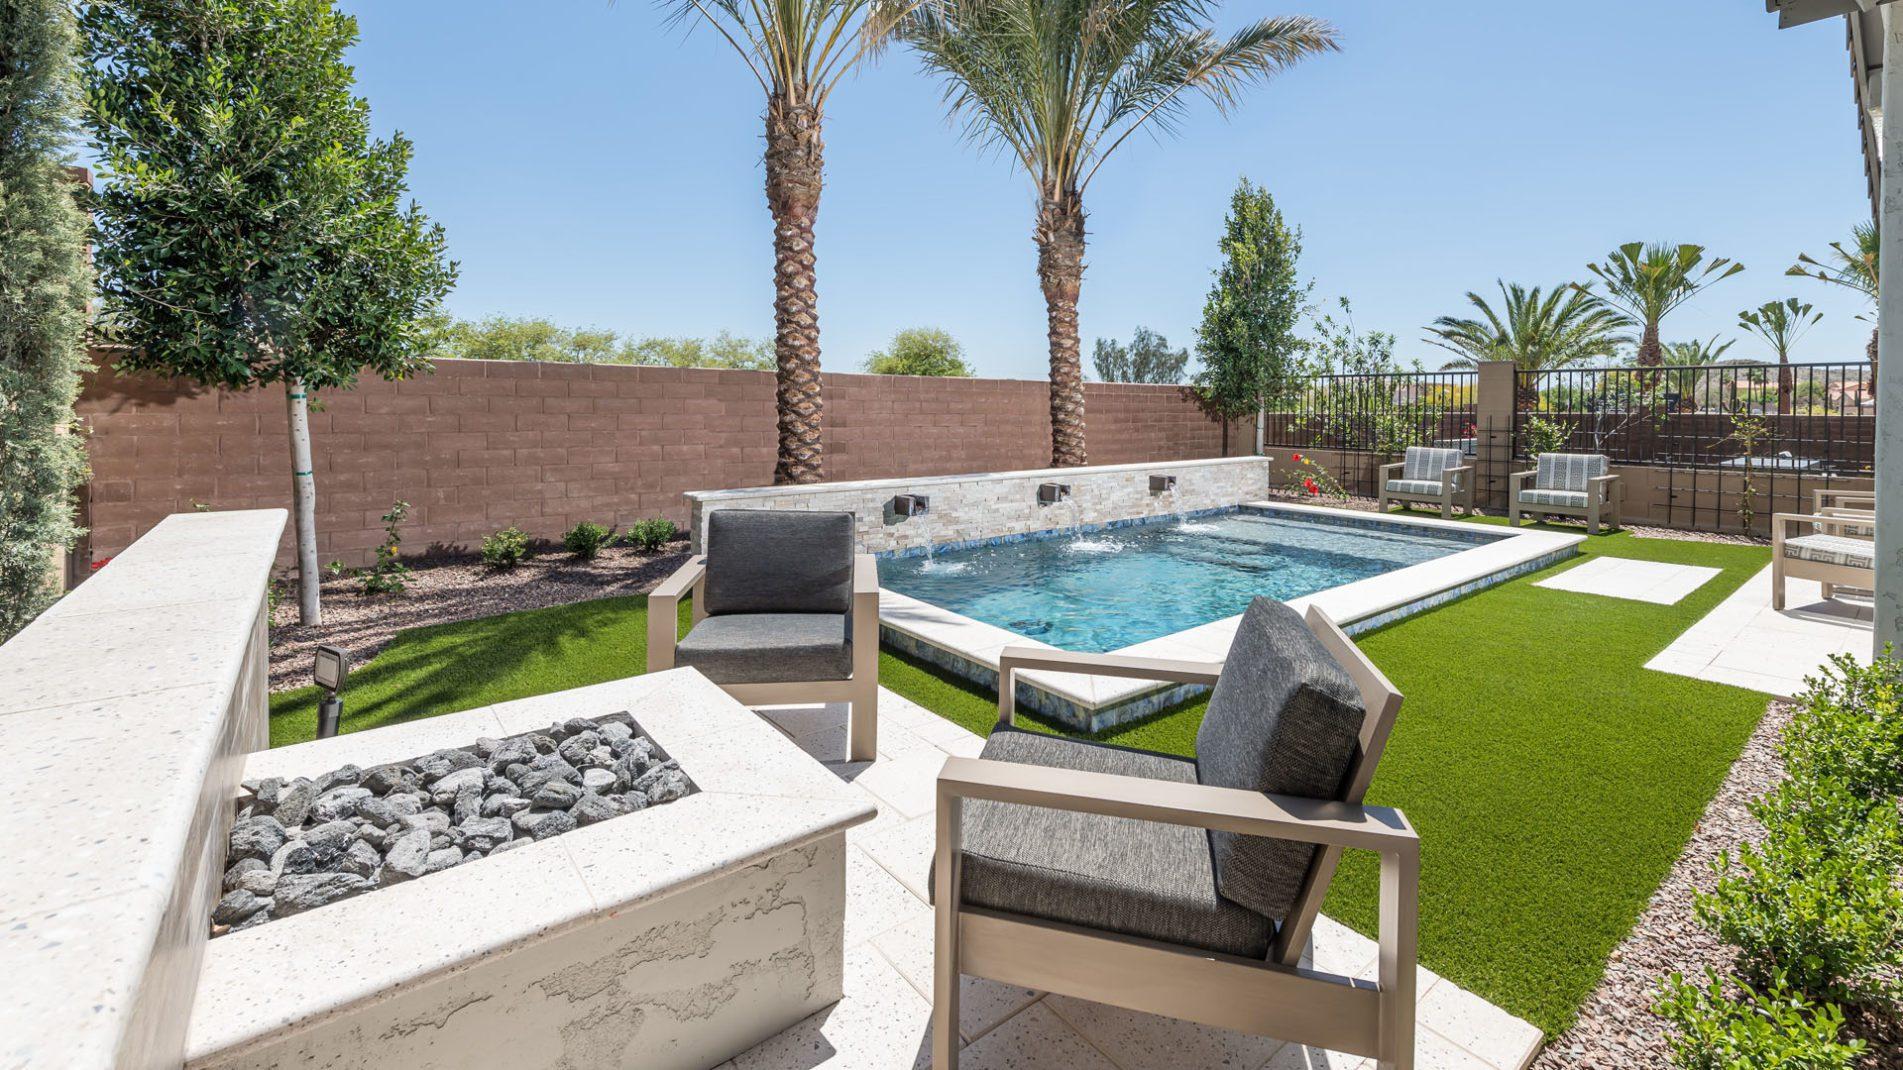 Phoenix Spool Swimming Pool Full View